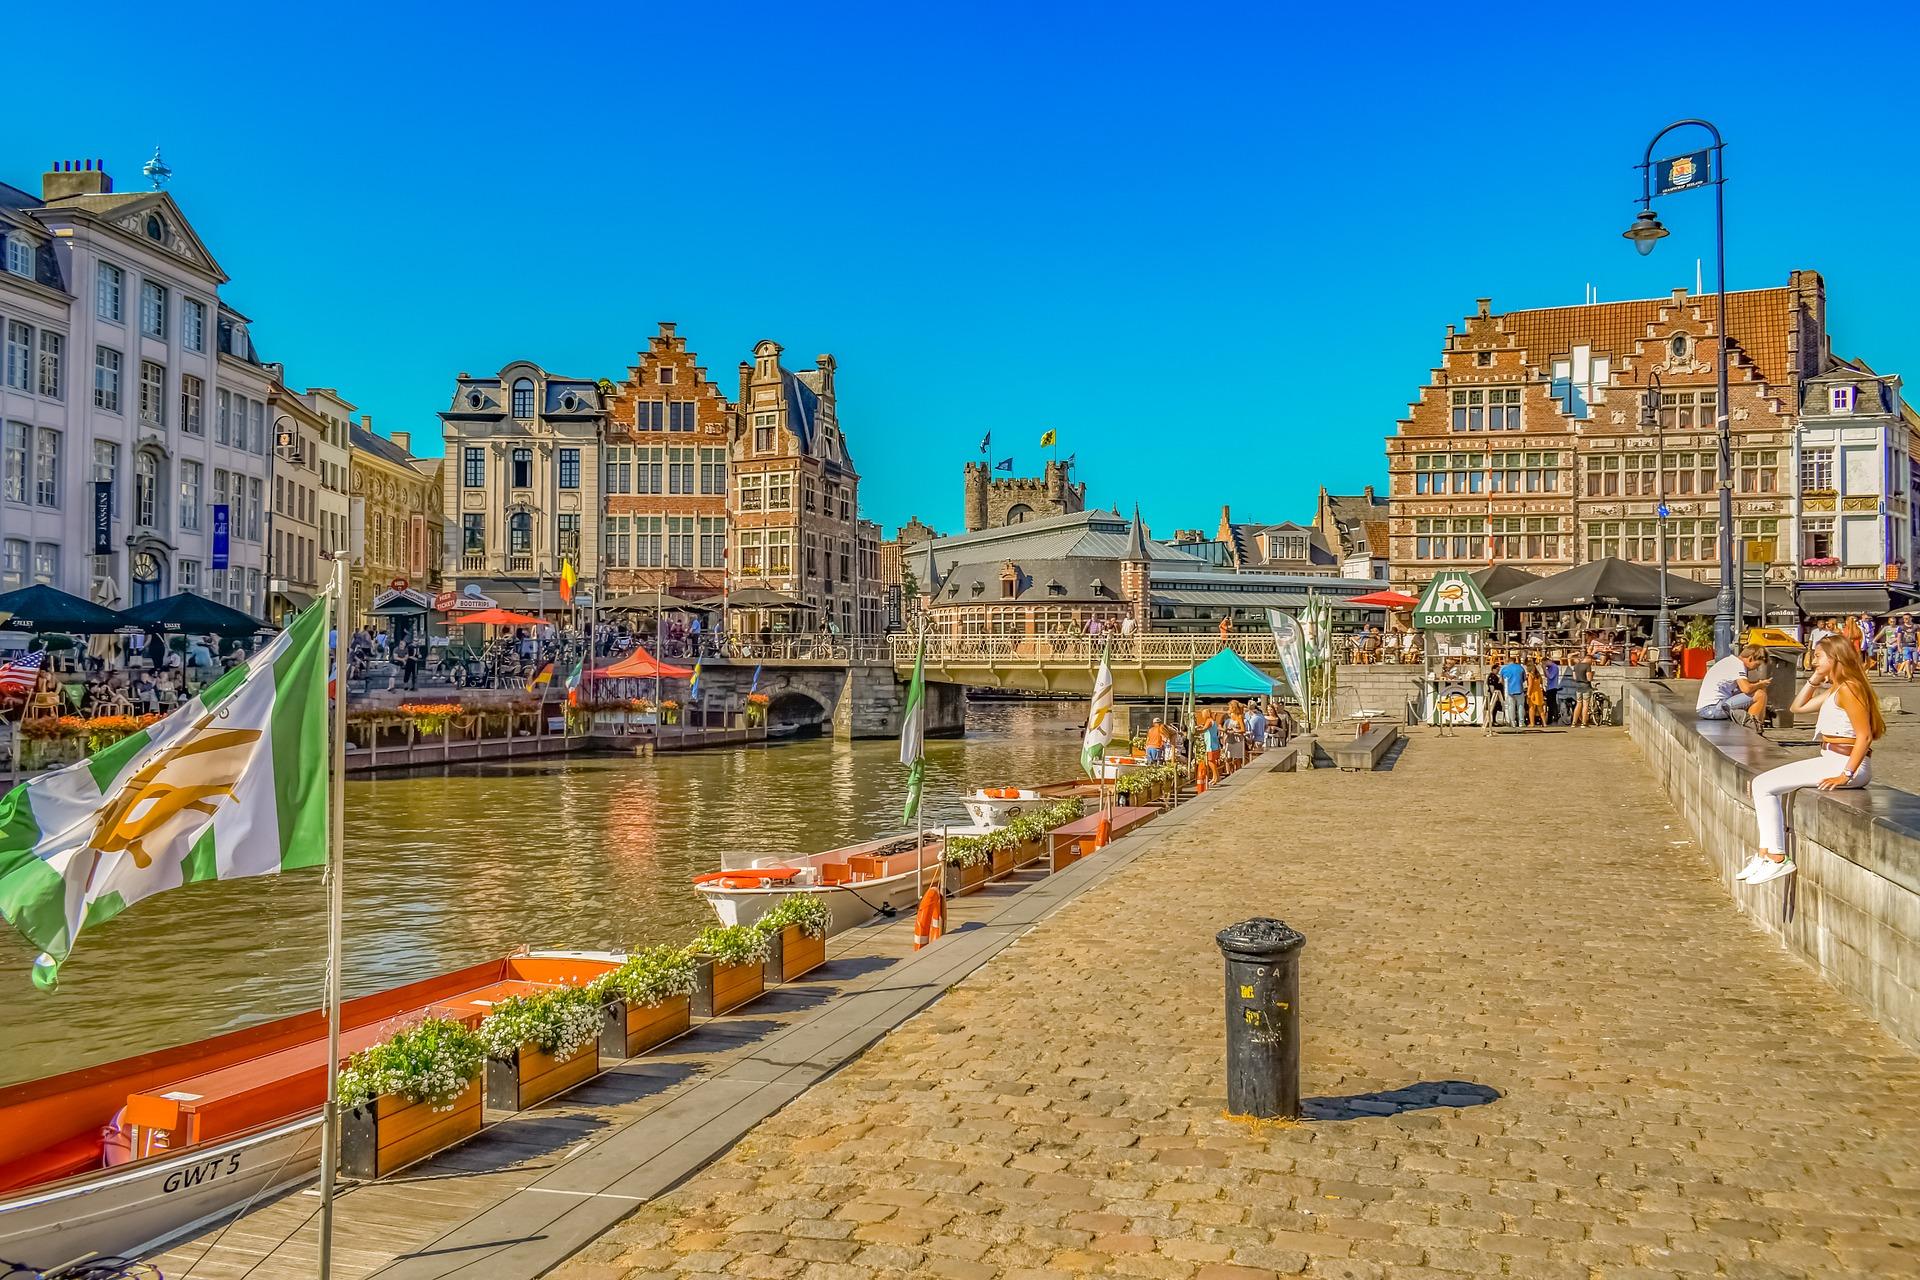 מסלול טיול של שלושה ימים בגנט הקסומה שבבלגיה